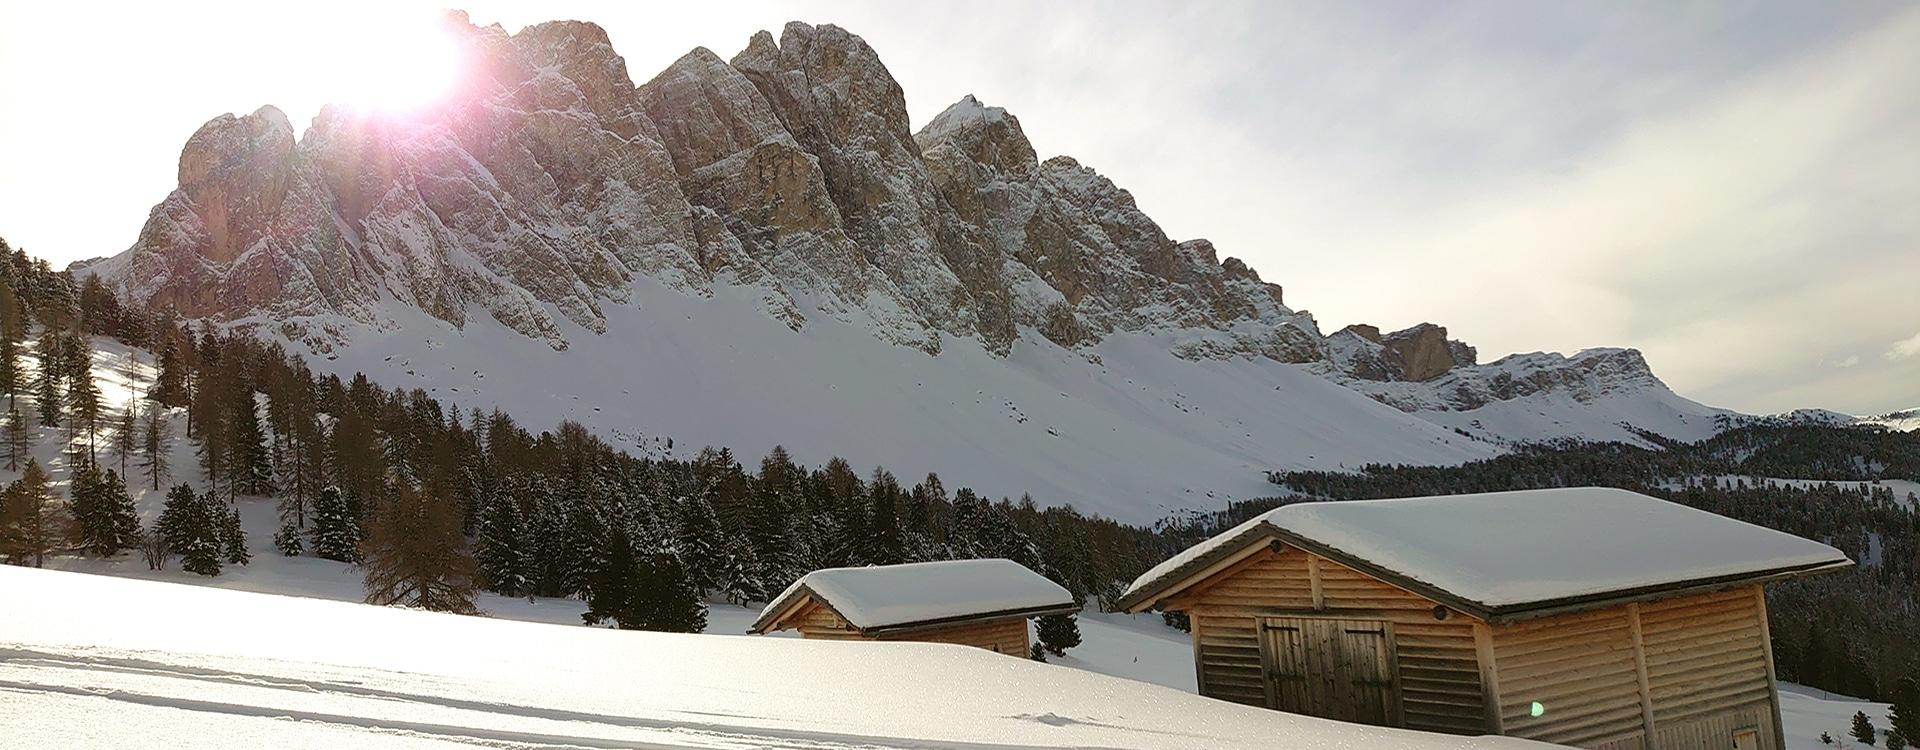 Gampenalm - Winterwandern Villnösstal